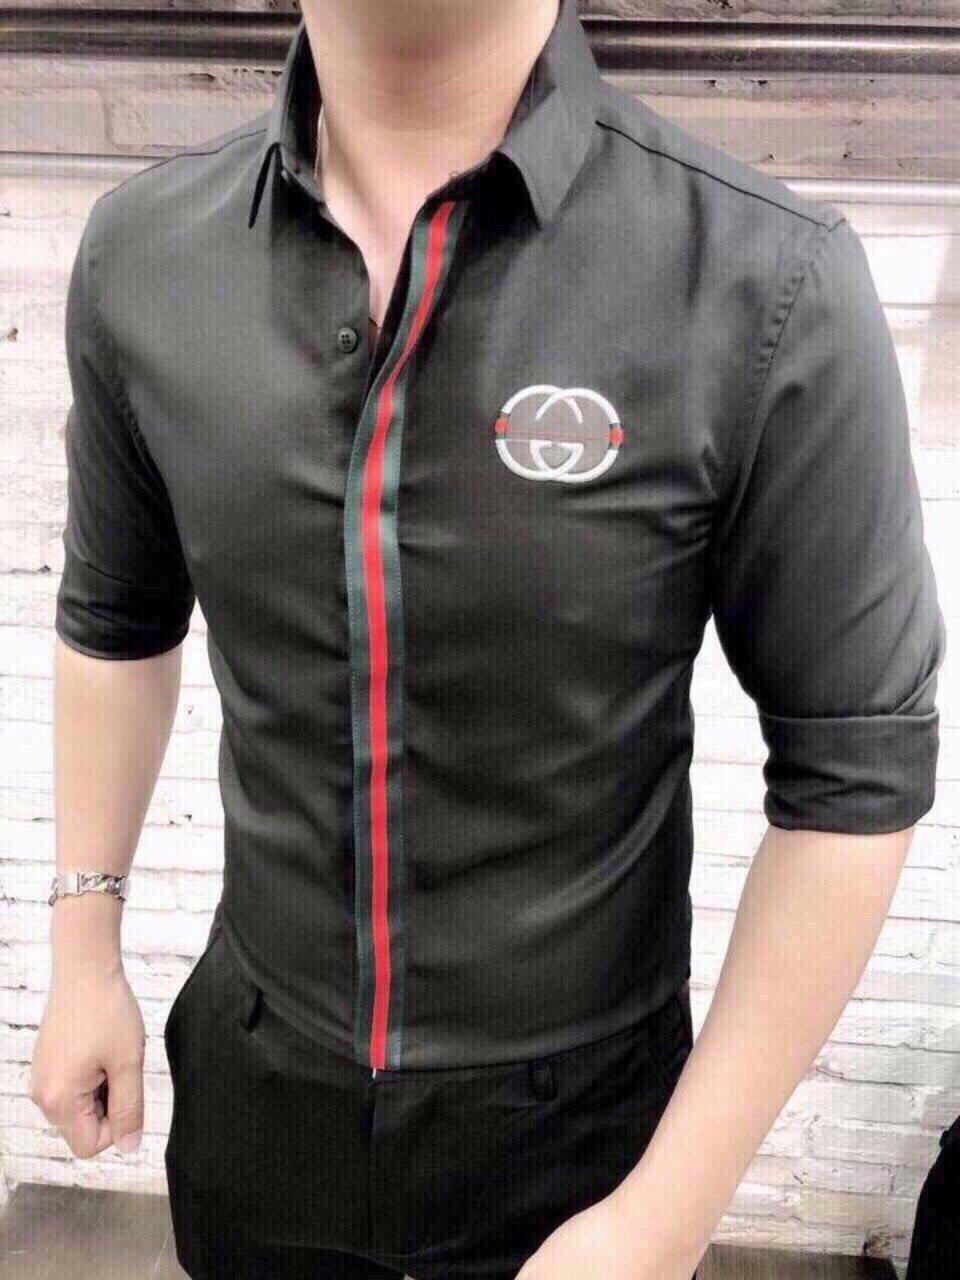 Áo sơ mi nam dài tay vải lụa trợn co giãn nhẹ, thấm hút mồ hôi, không nhăn, không xù, không phai màu hàng VNXK cao cấp Selina Fashion- ASMNSL0015